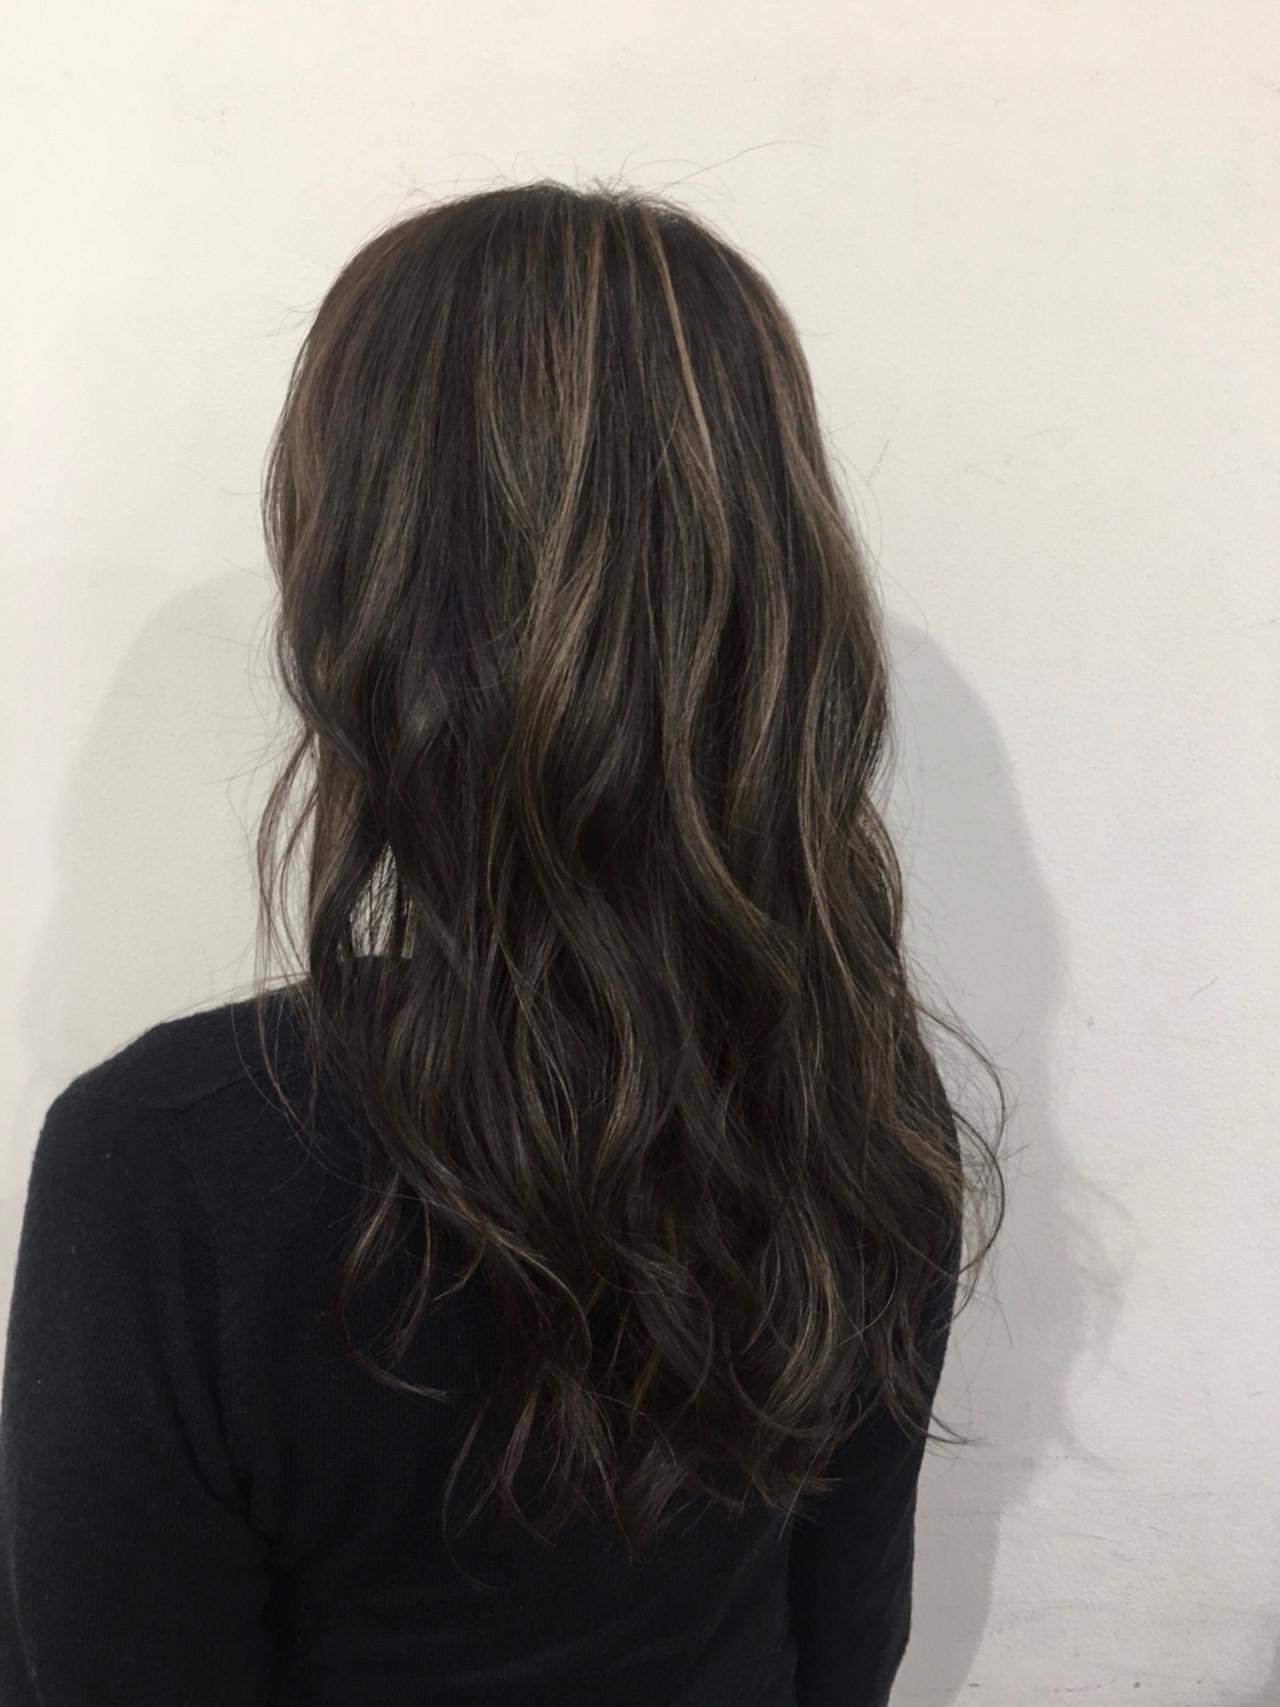 ロング ハイライト 大人かわいい コンサバ ヘアスタイルや髪型の写真・画像 | 江畠 大地 / MAKE'S omotesando